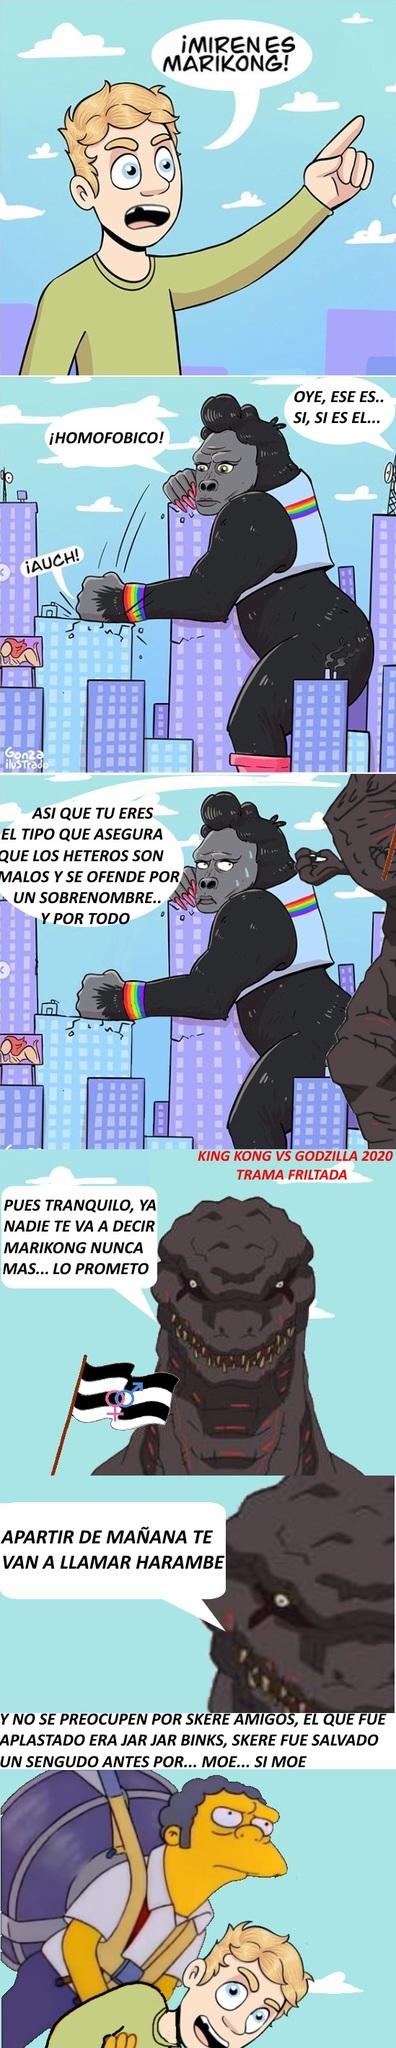 Godzilla el heroe del patriarcado - meme